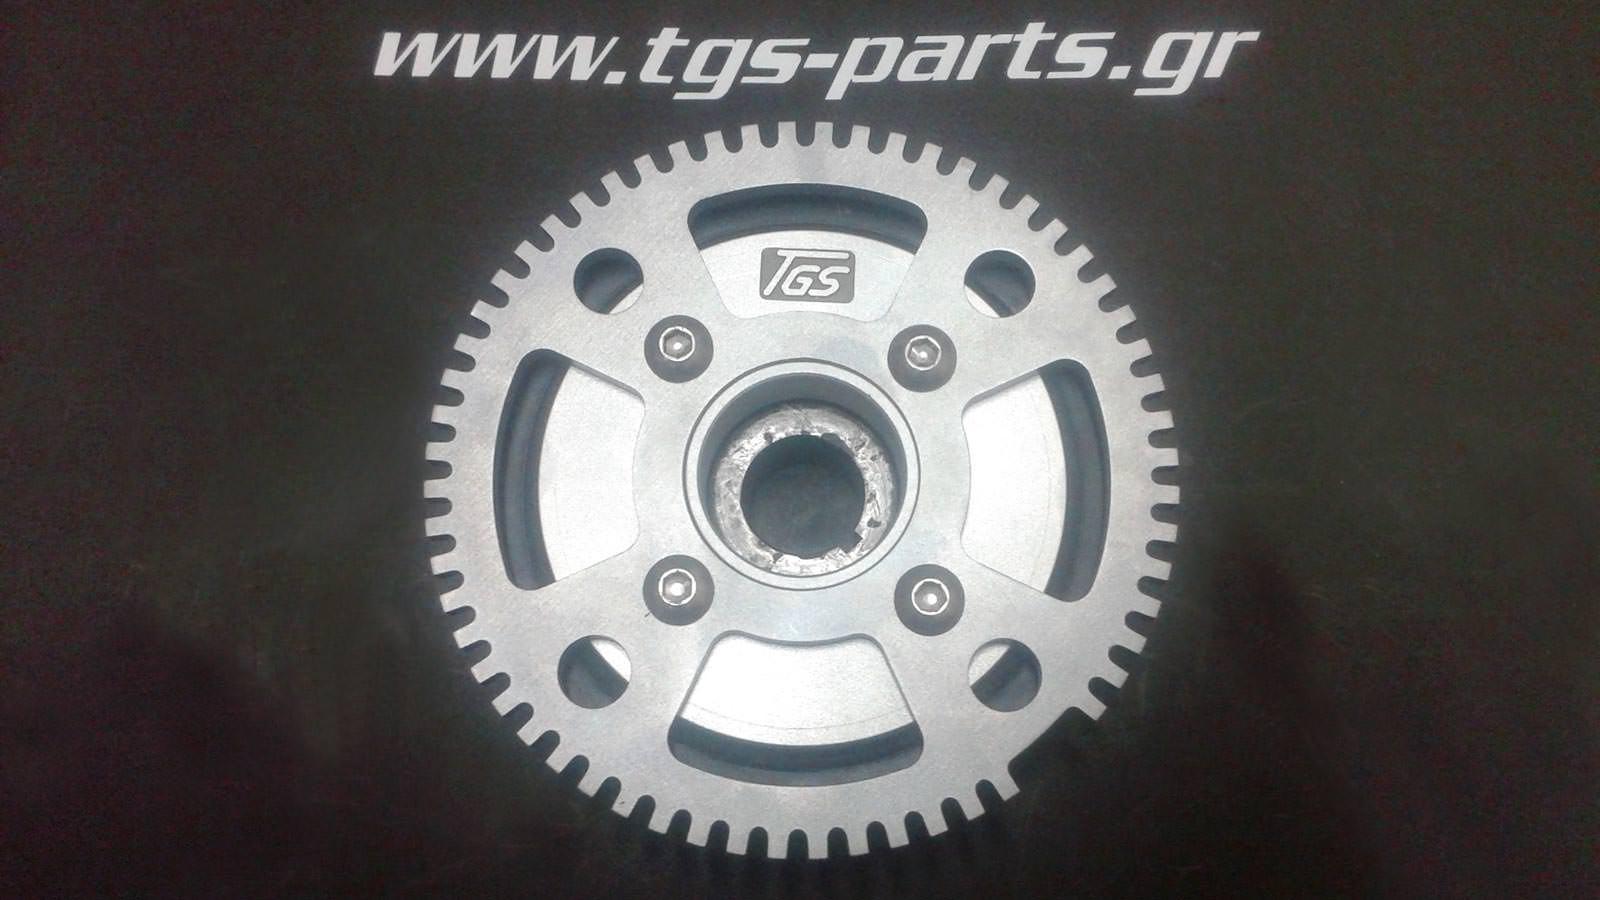 τροχαλίες μετάδοσης κίνησης αλουμινίου αυτοκινήτου tgs parts